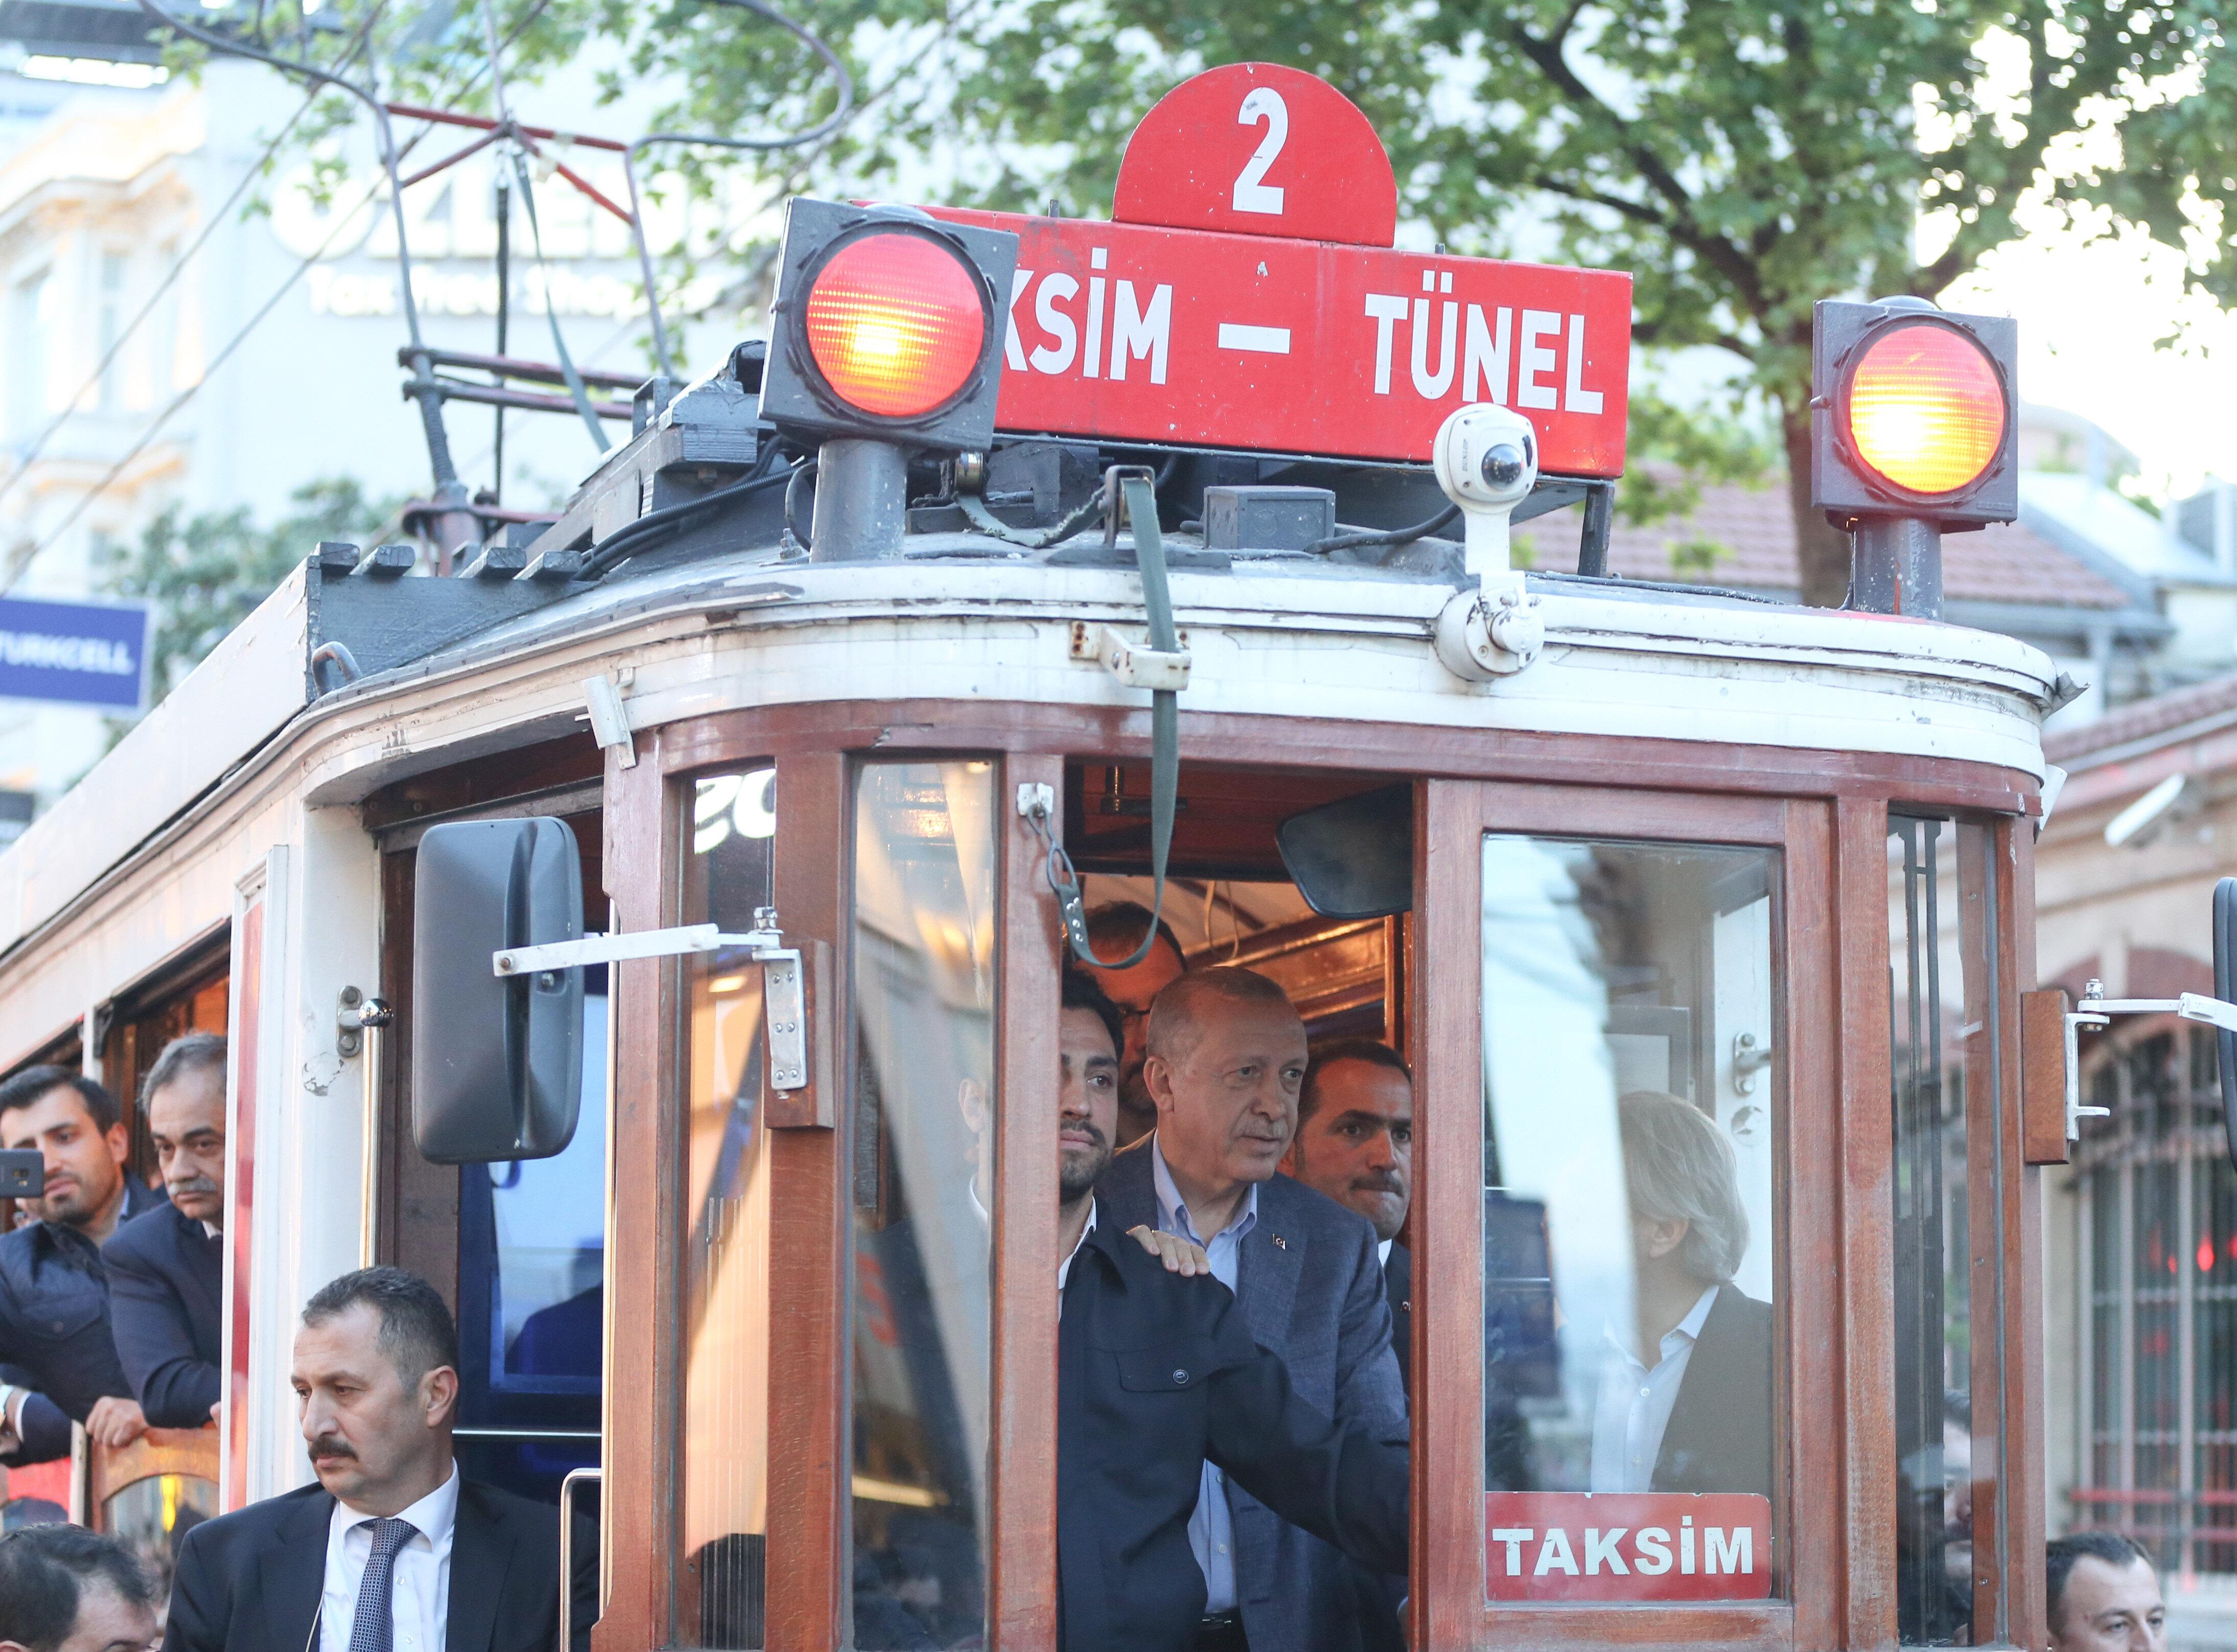 بالصور.. أردوغان يستقل الترام واي التاريخي في ساحة تقسيم بإسطنبول